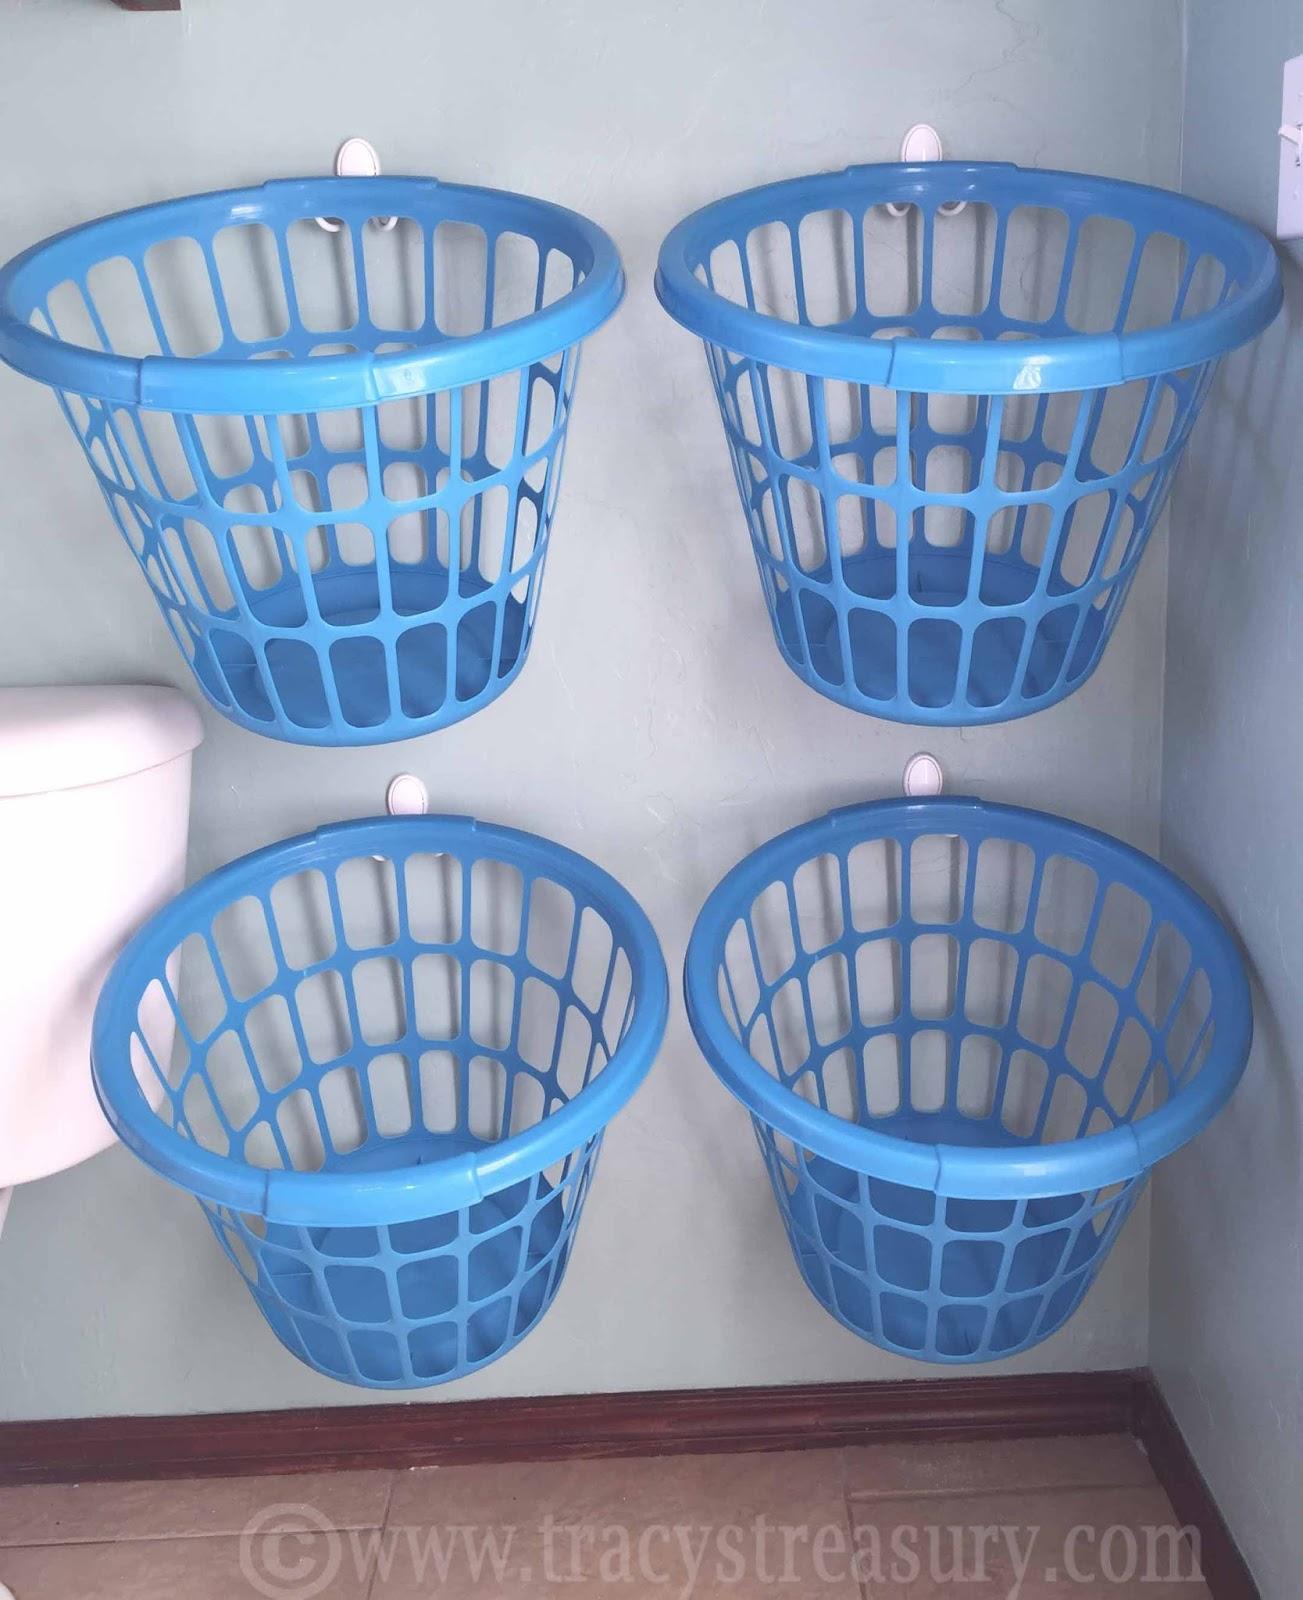 Tracy's Treasury: DIY Laundry Sorter Baskets